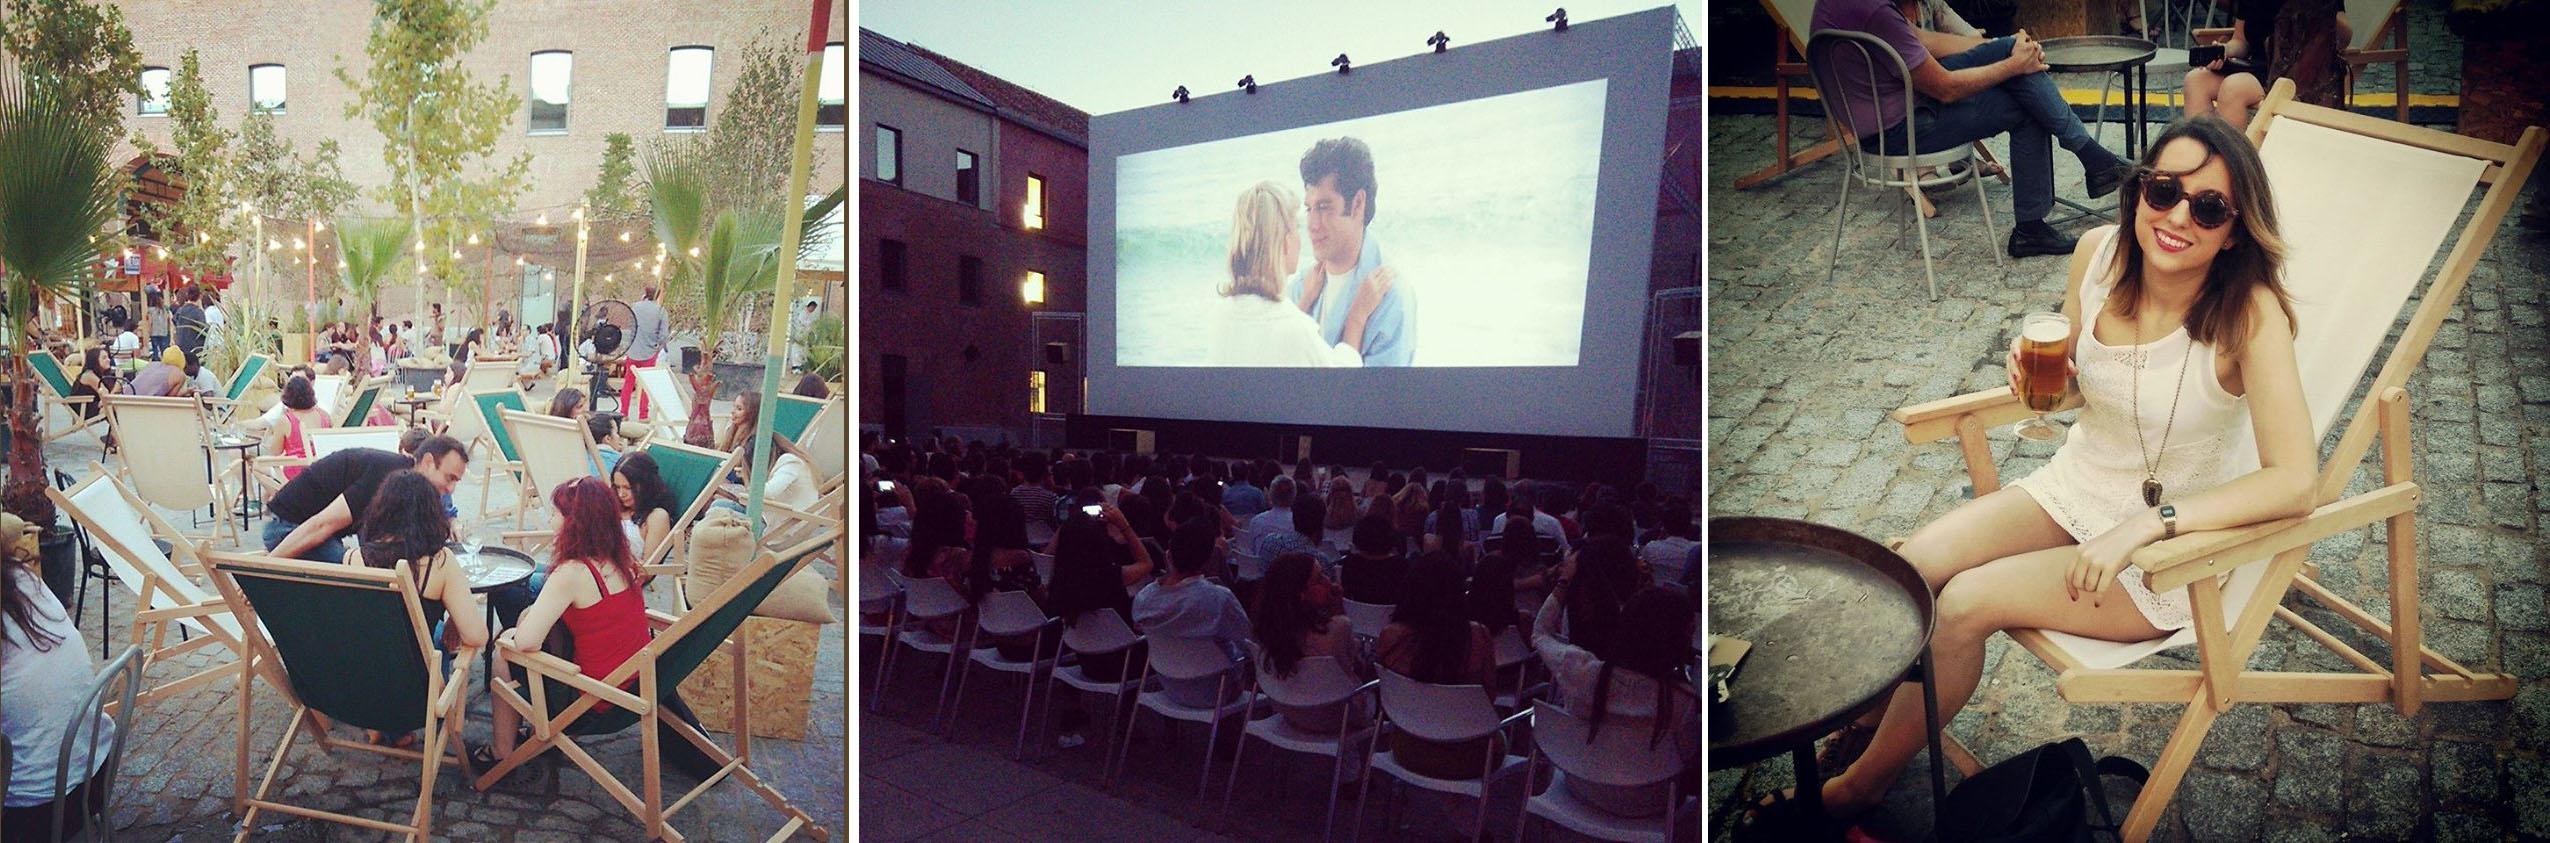 Zona de cerveceo y restaurante con cine al aire libre en El Cuartel (a la dcha, Susana haciendo el mono)